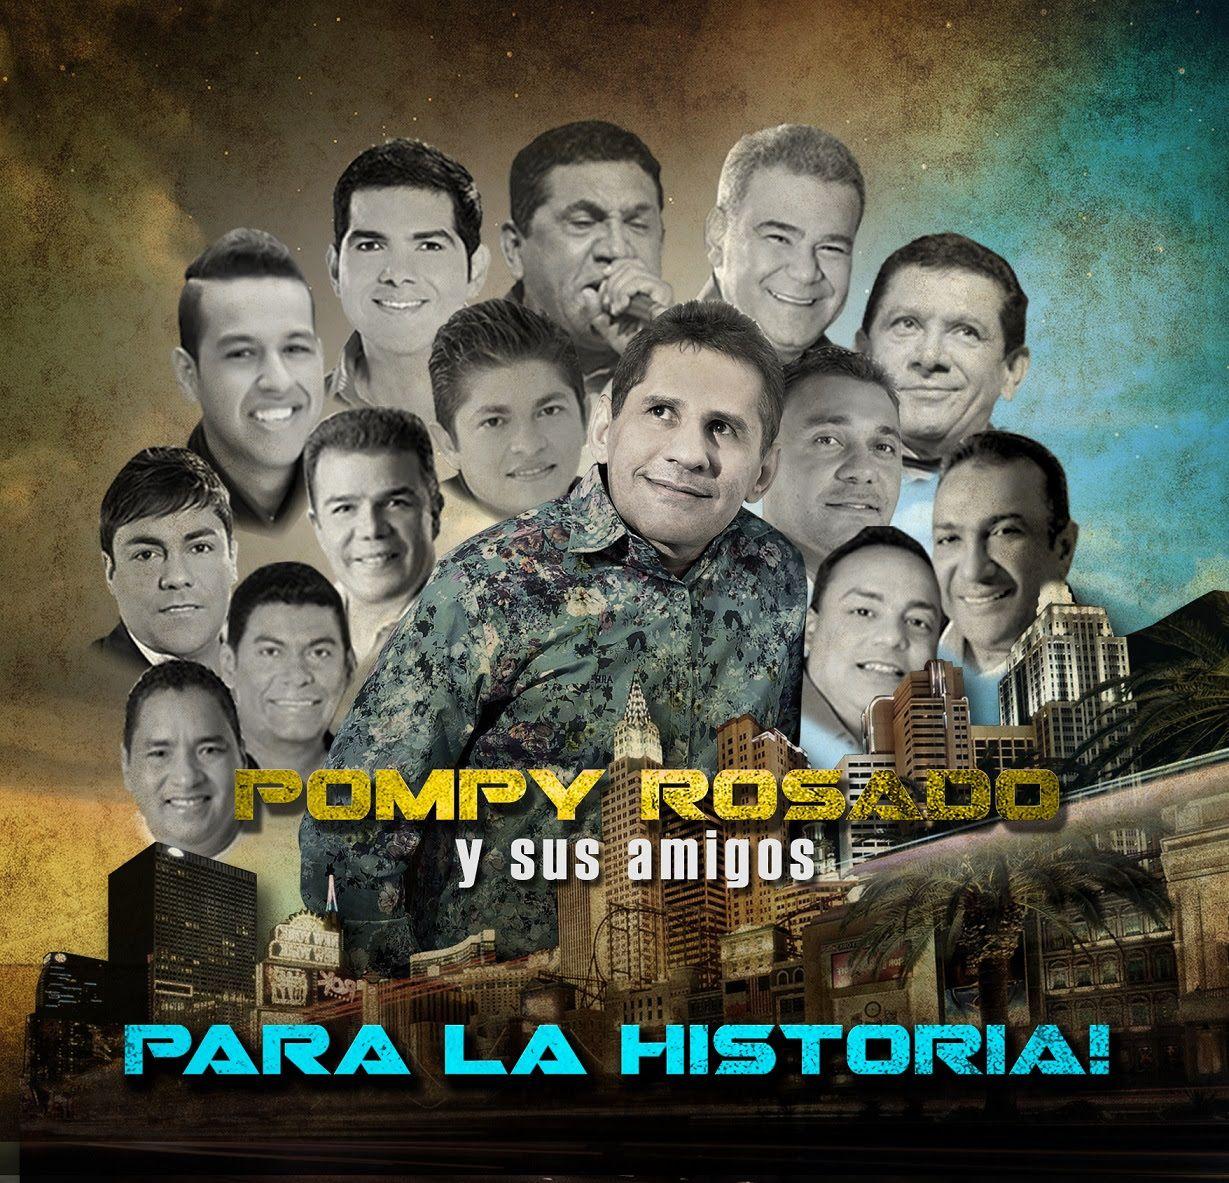 Para la historia Pompy Rosado y sus amigos via @Vallenatoalcien